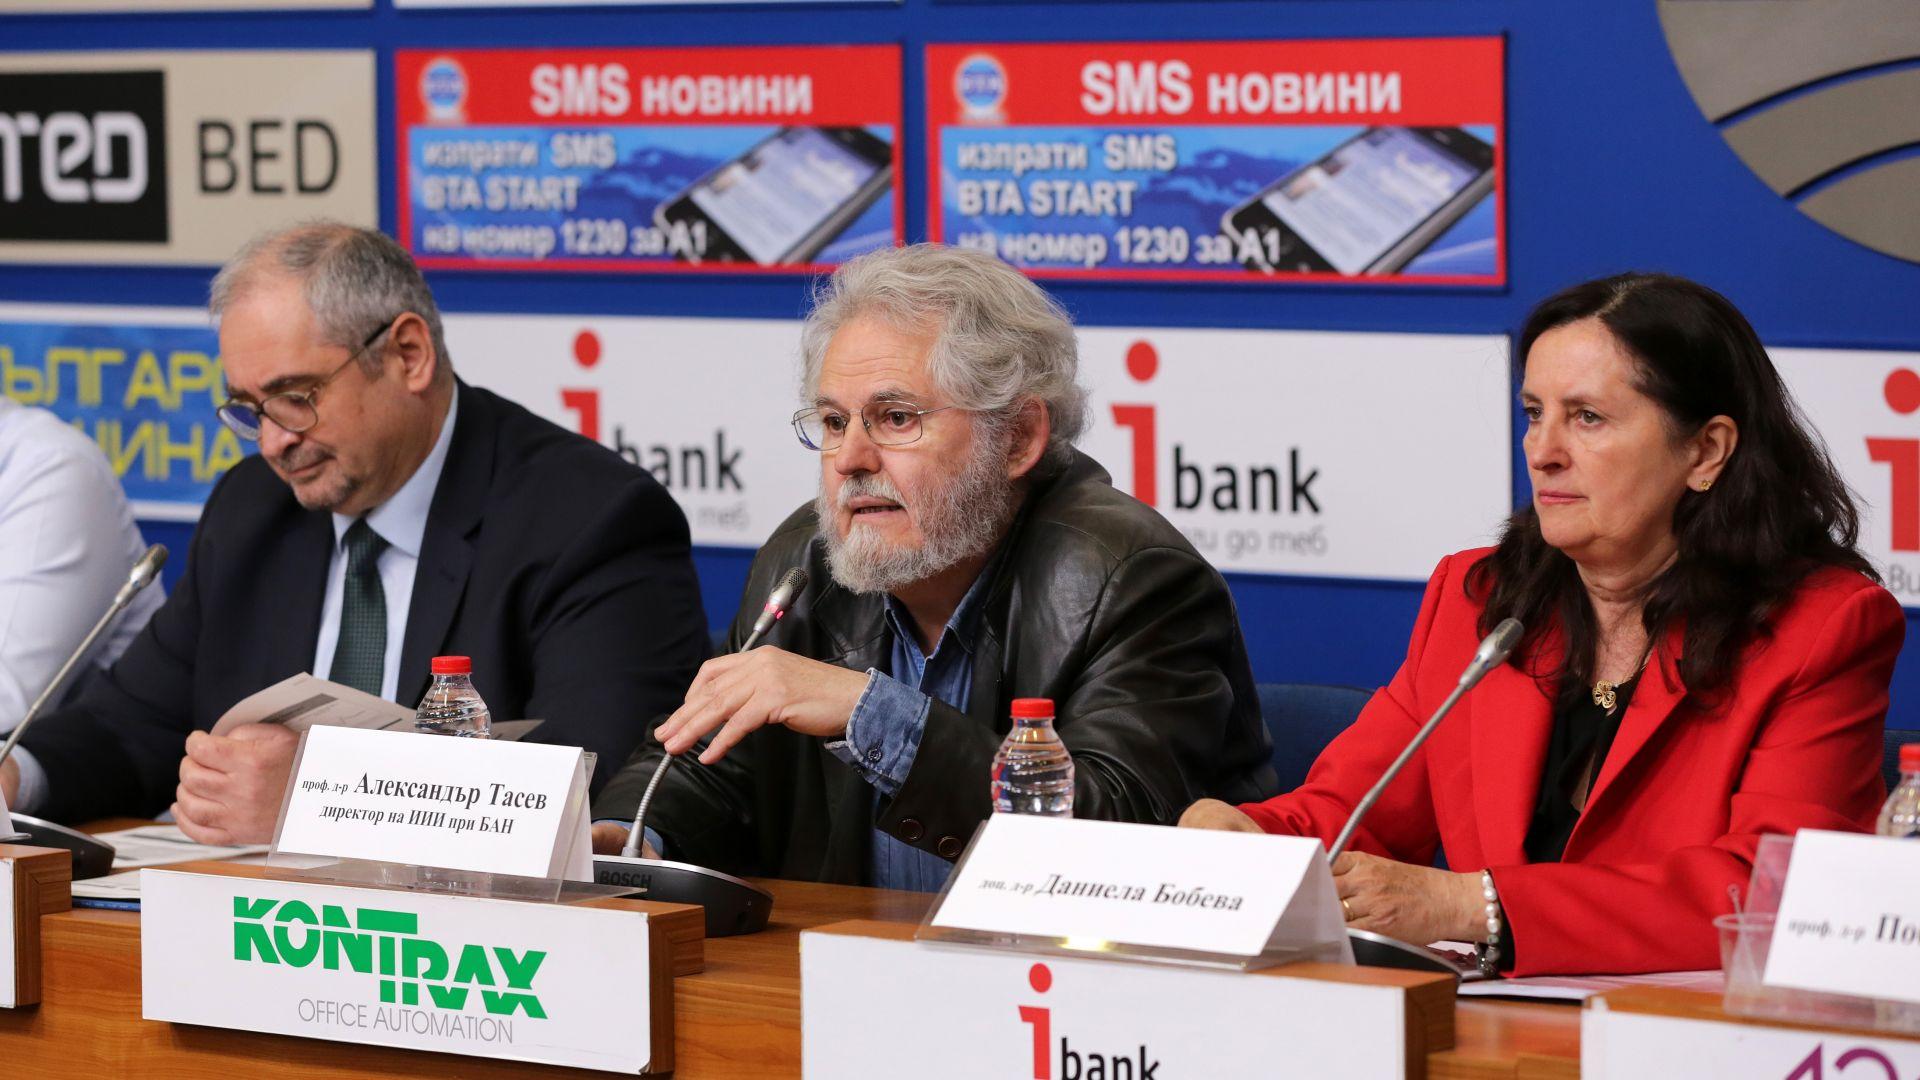 Учени представиха  годишния доклад на БАН за икономическото развитие и политики в България